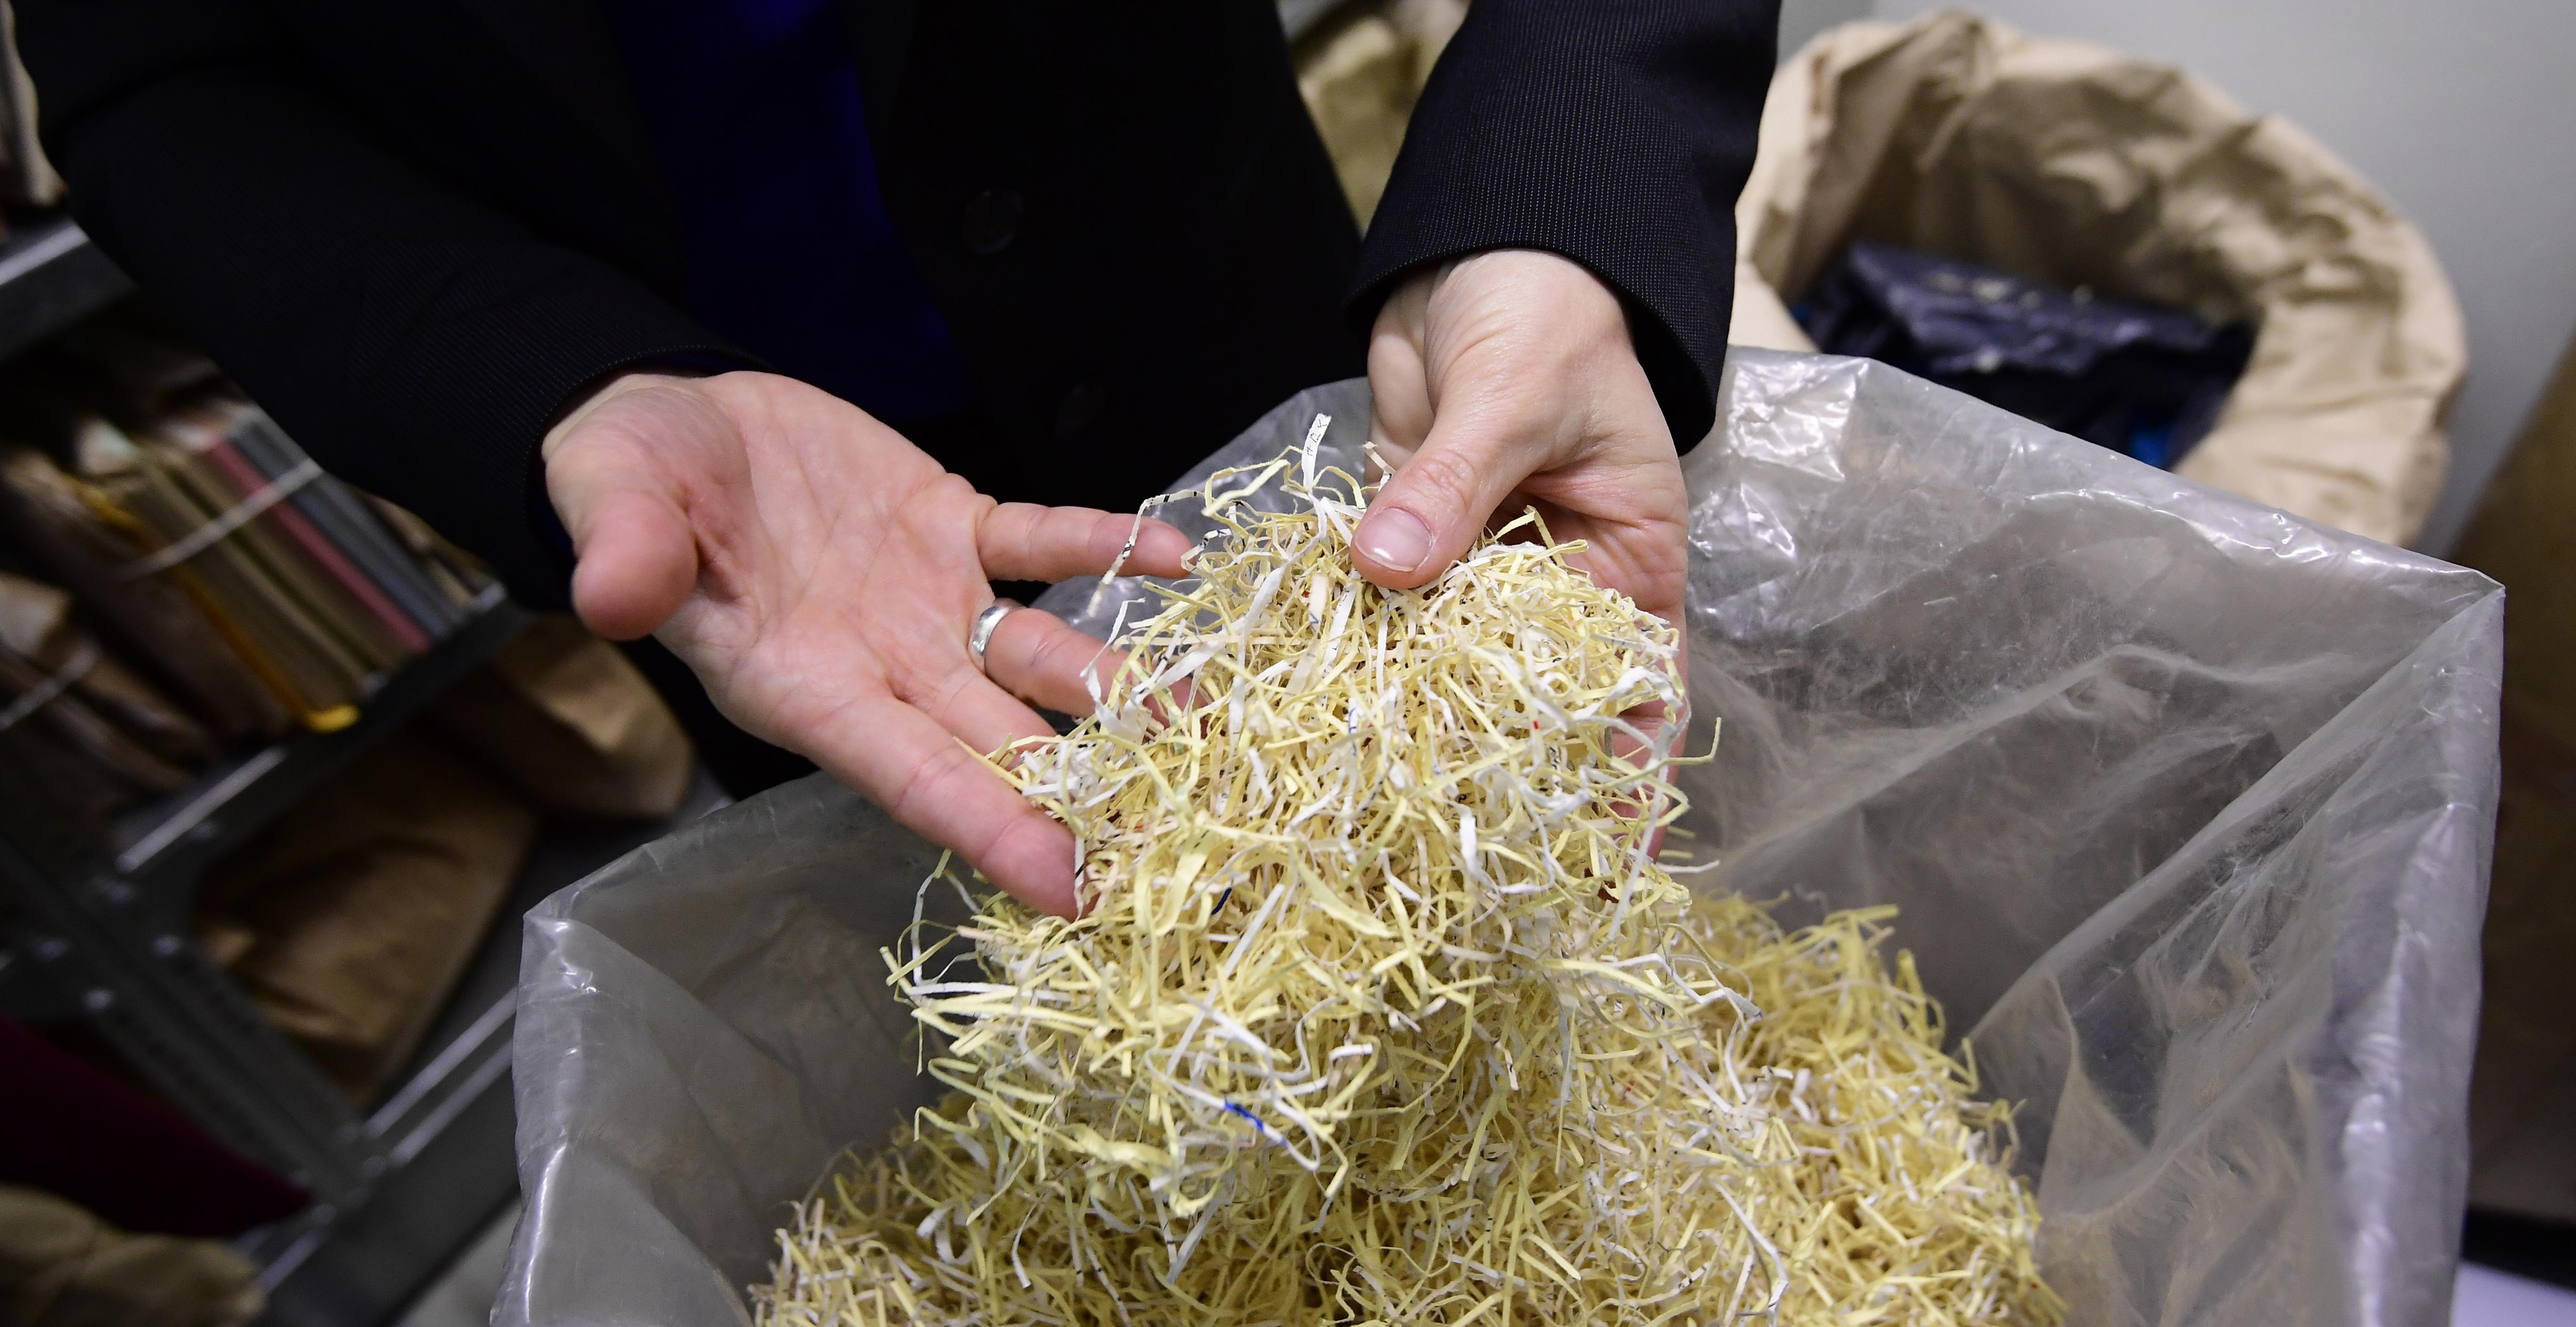 A nyolcmillió eurós szkenner sem bír a Stasi archívumának összetépett dokumentumaival